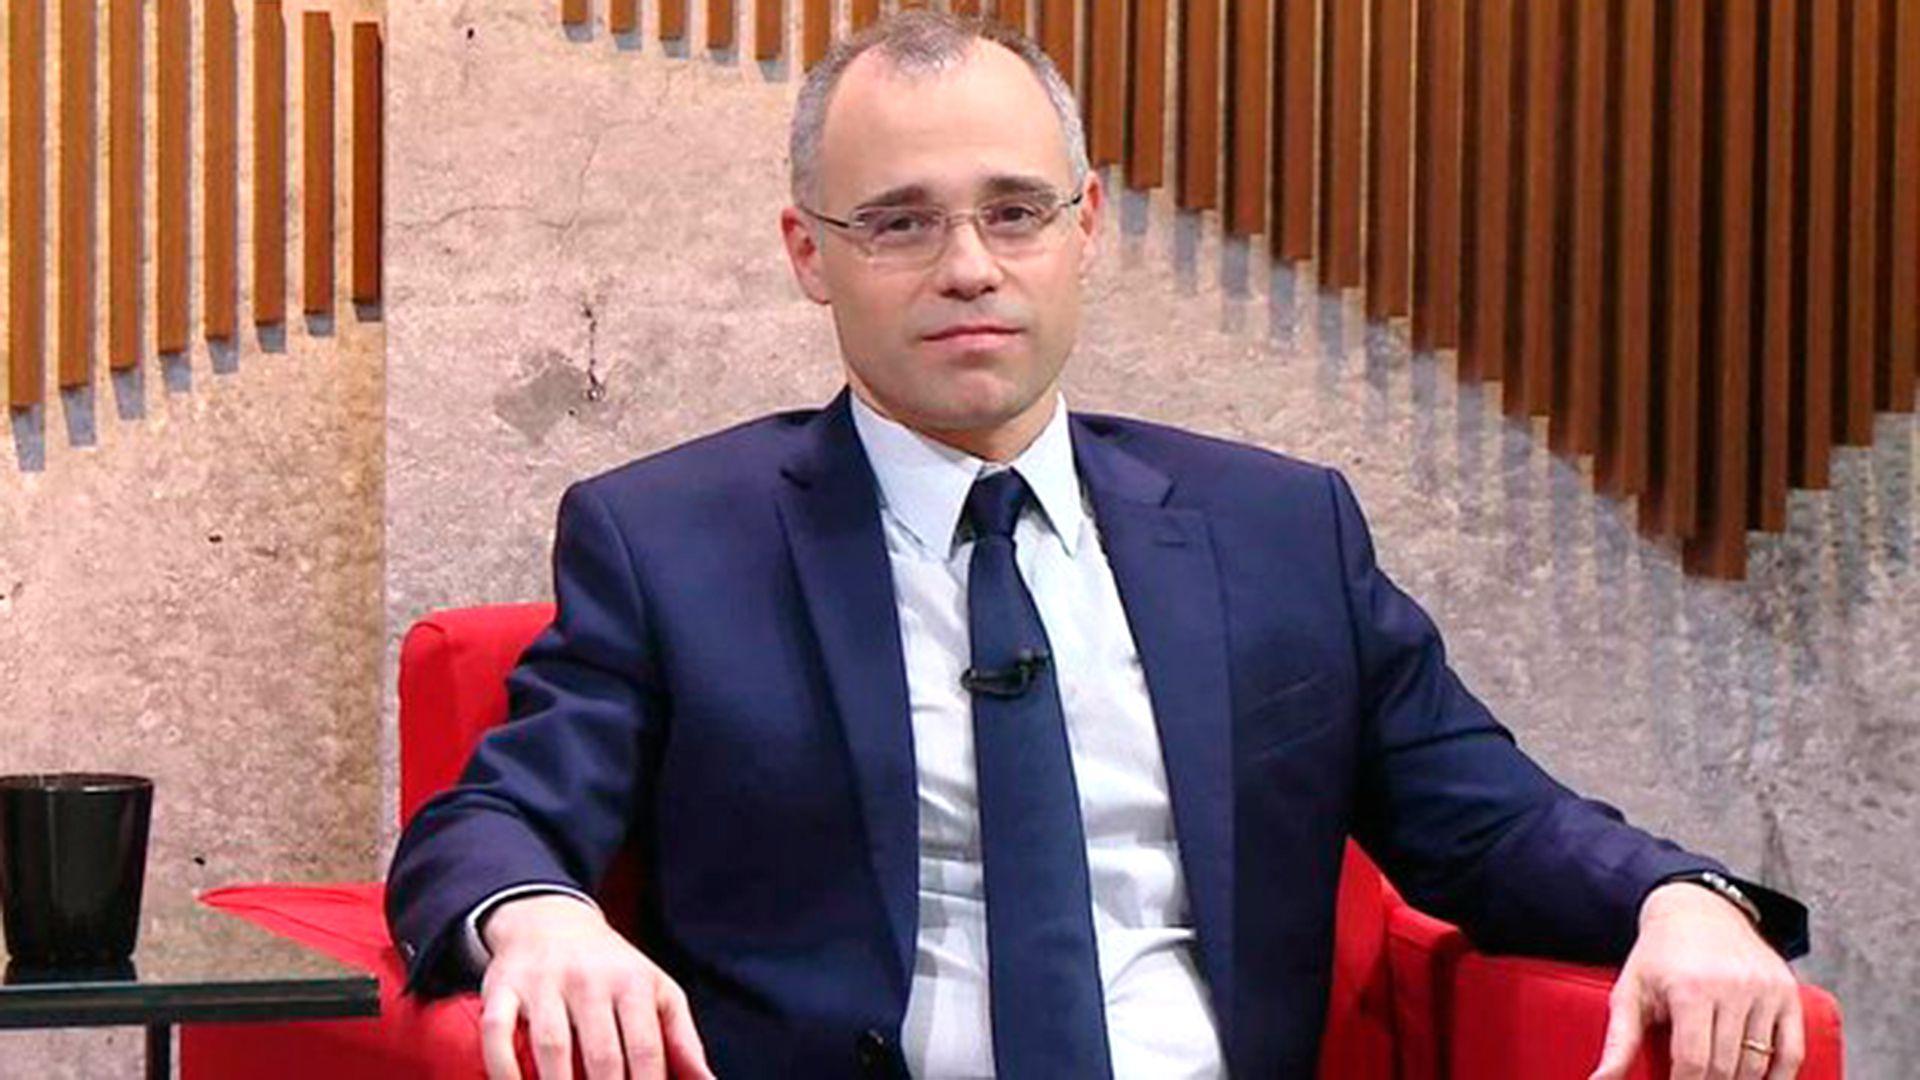 André de Almeida Mendonça